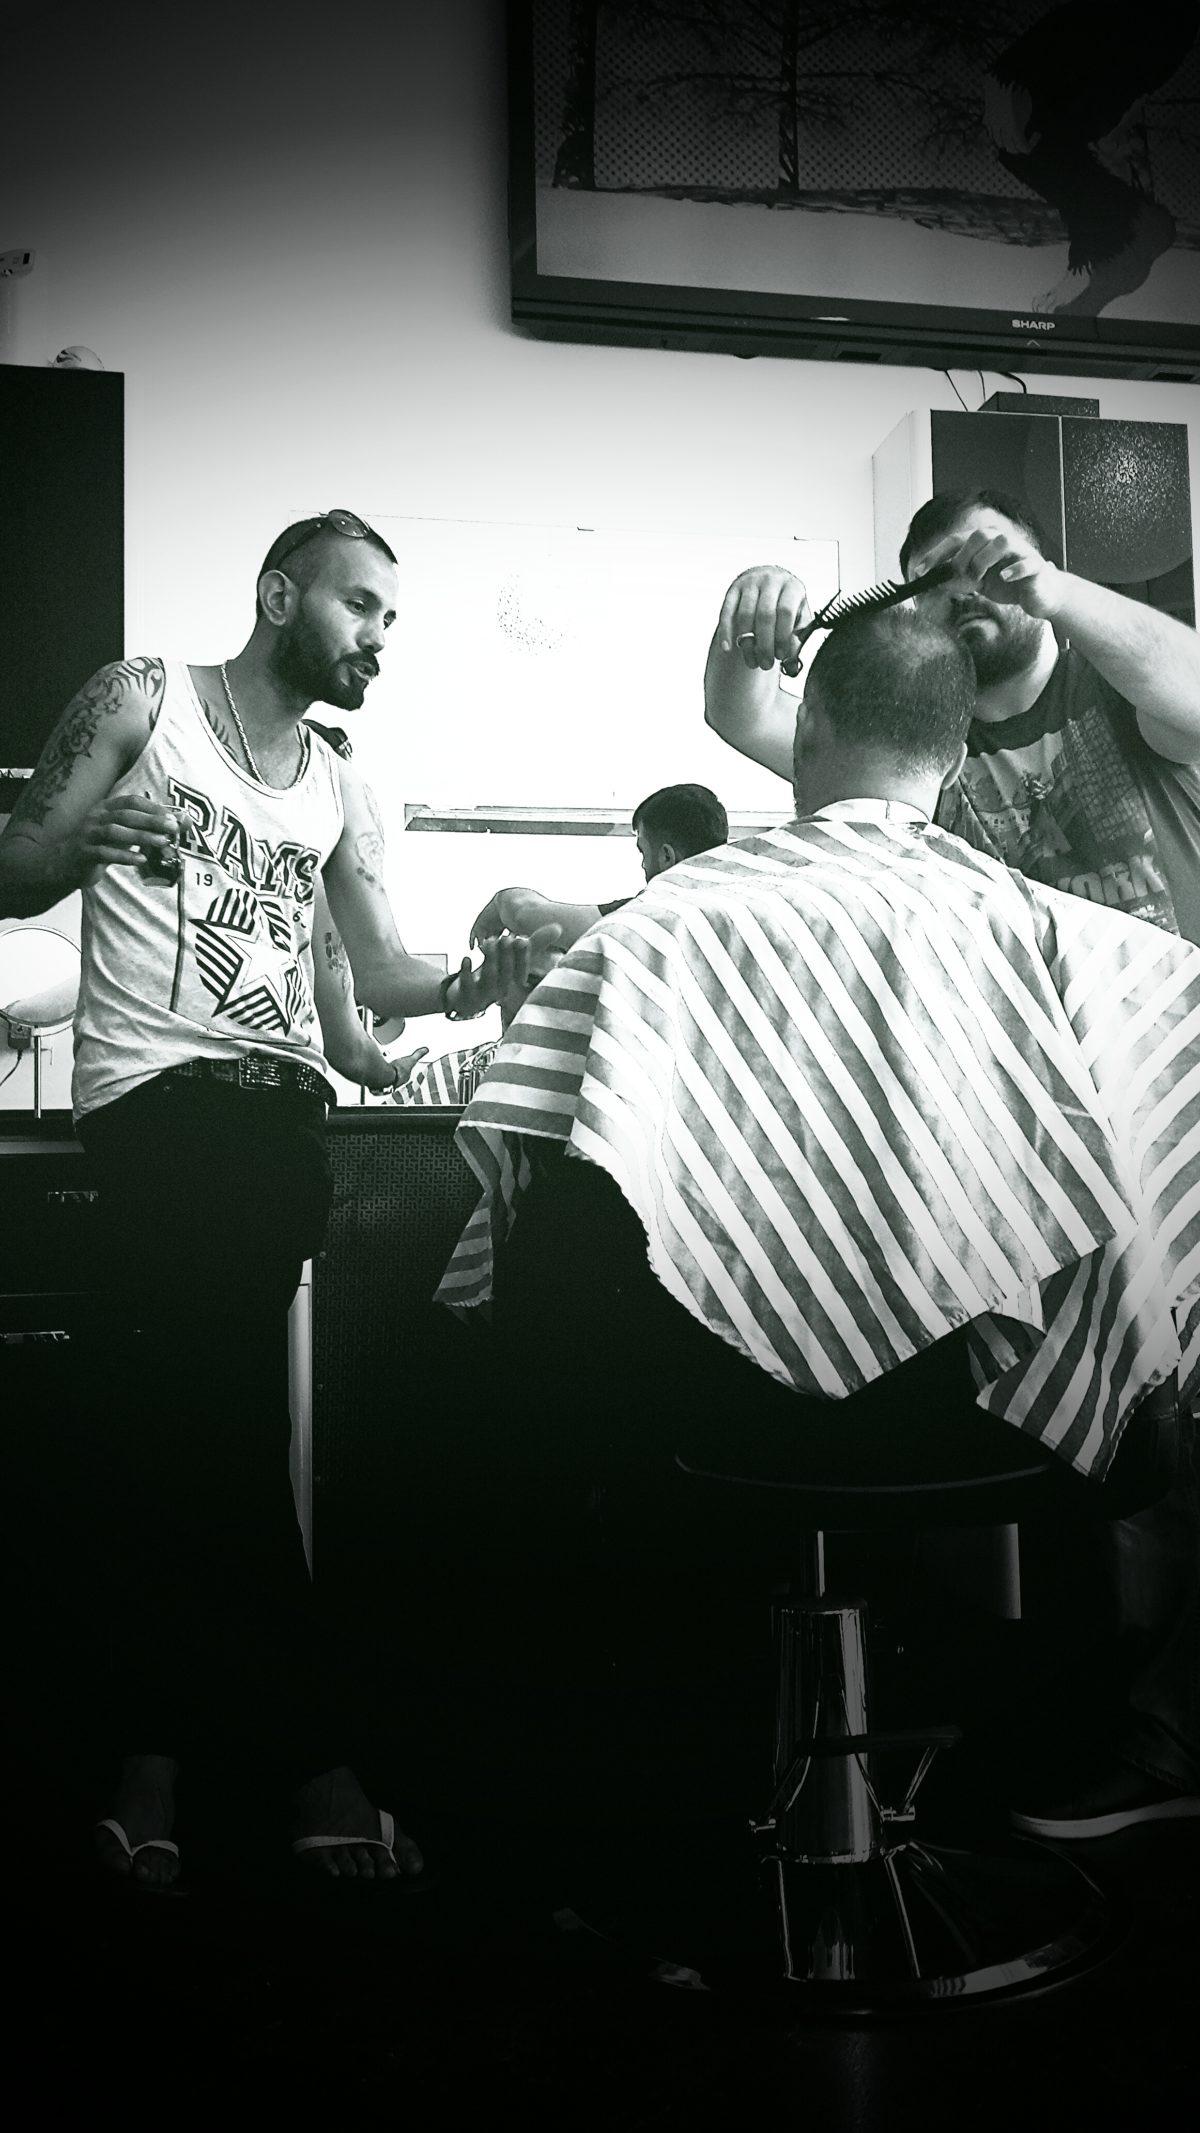 Bij de kapper 2015 - foto Eric Burger